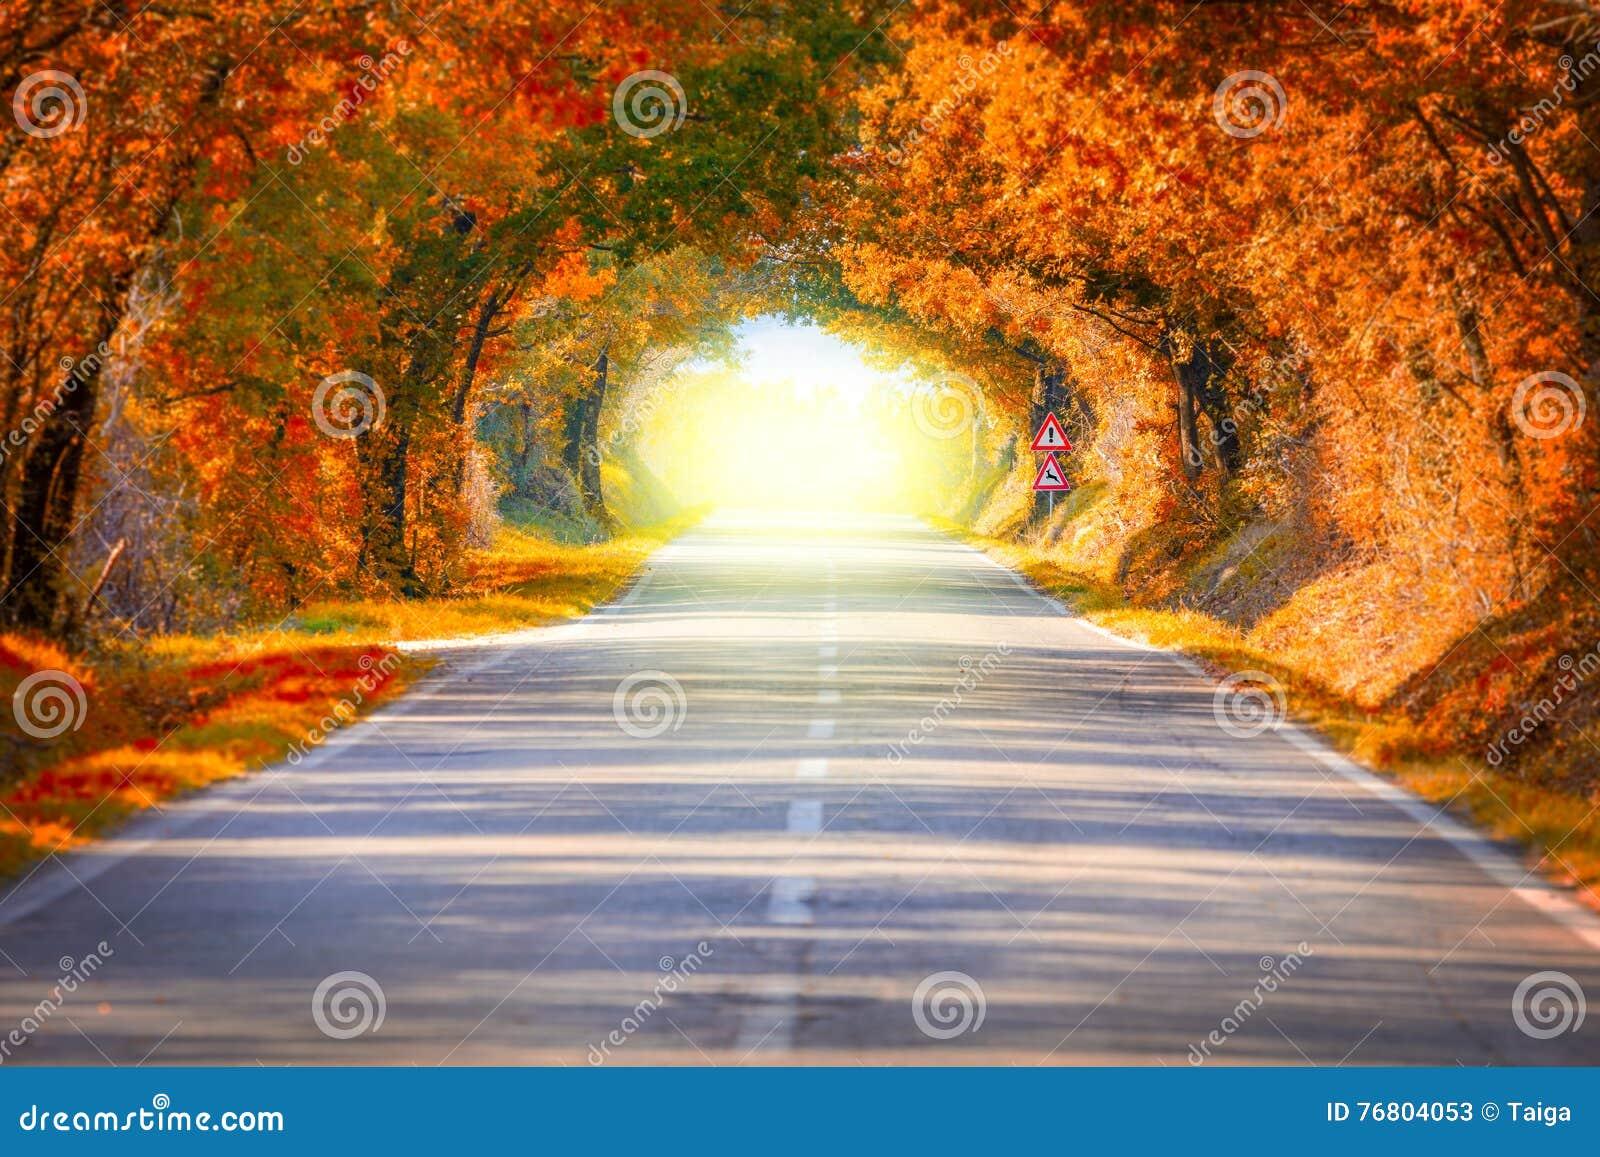 Ландшафт дороги падения осени - tunne и волшебство деревьев освещают